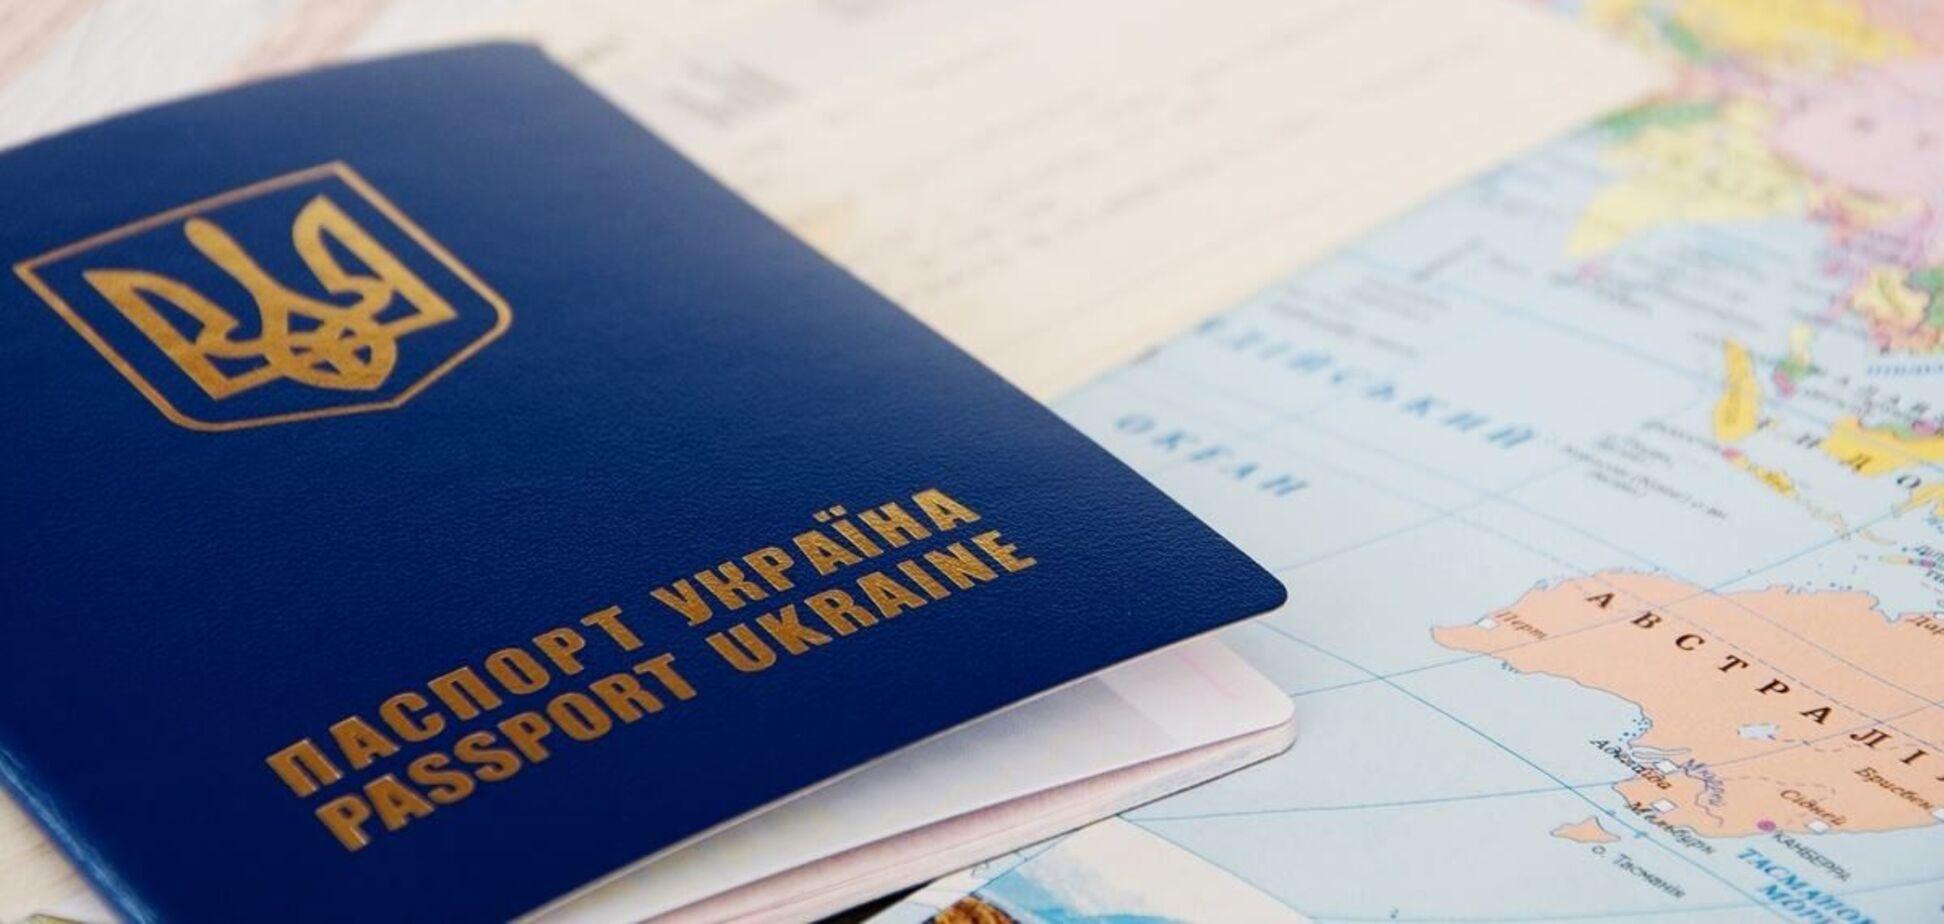 Україна піднялася в рейтингу 'Індекс паспортів'